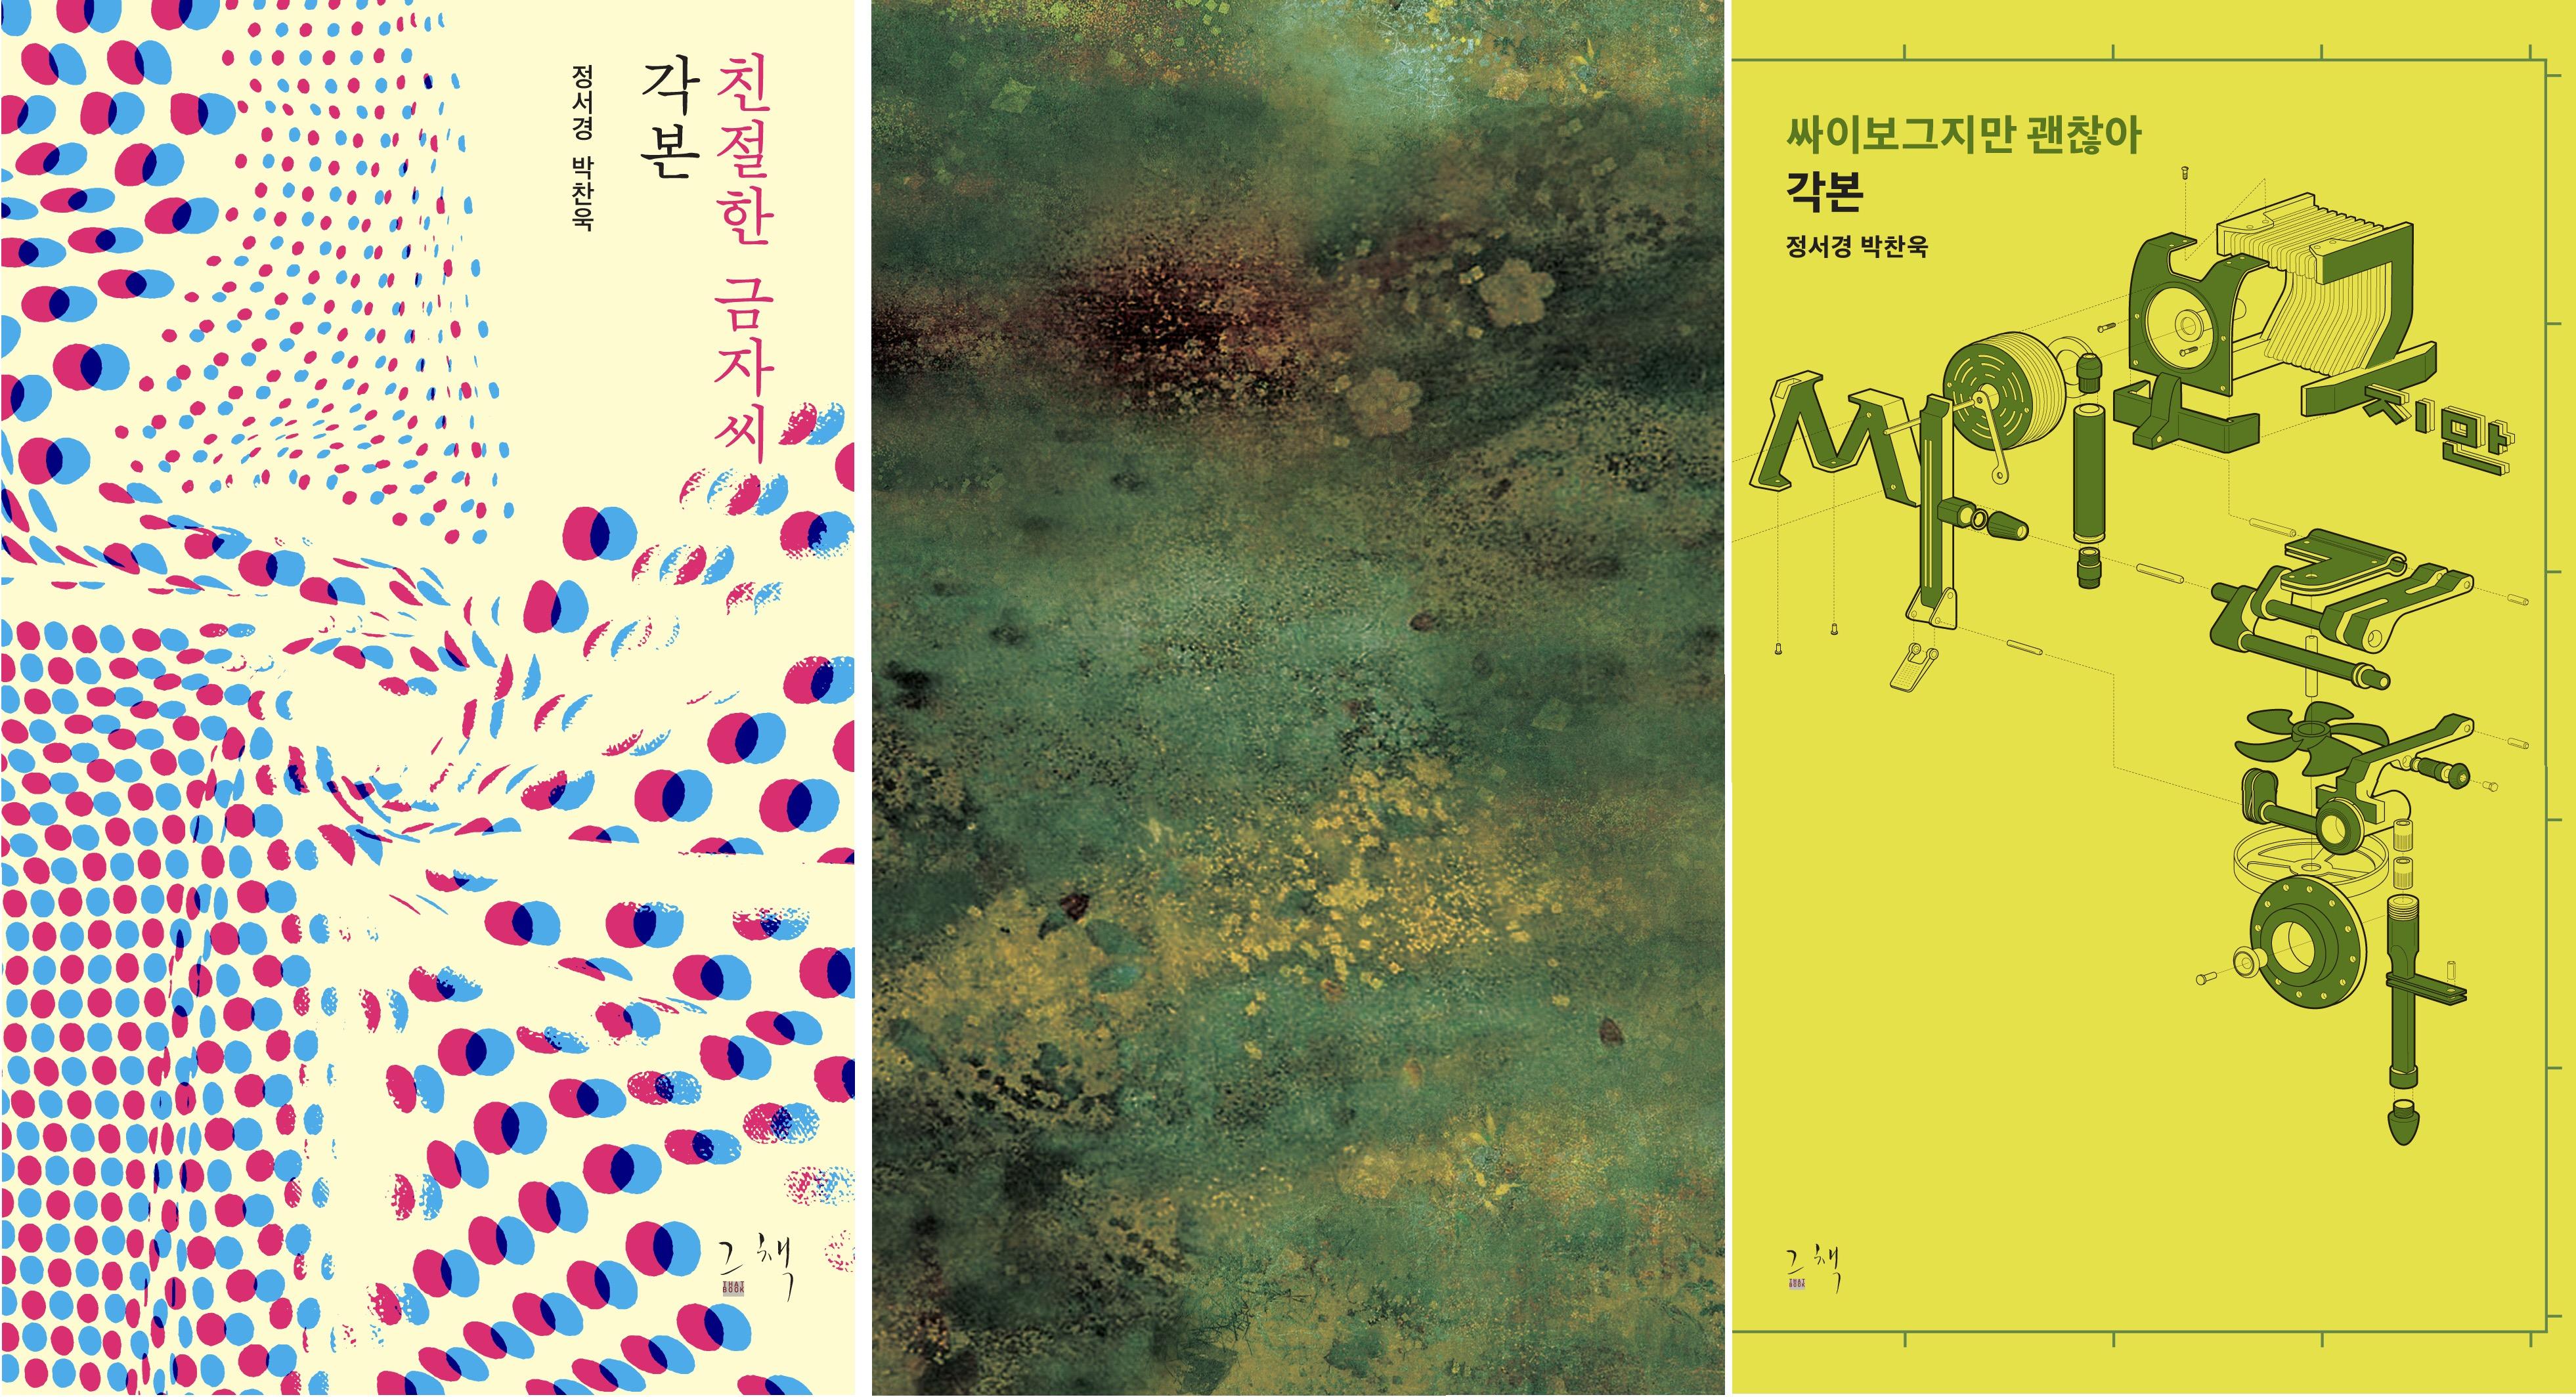 박찬욱 감독 X 정서경 작가의 시나리오 북이 출간됐다. 지문과 대사 그리고 여백으로 영화를 읽는 보다 능동적인 즐거움을 전한다.